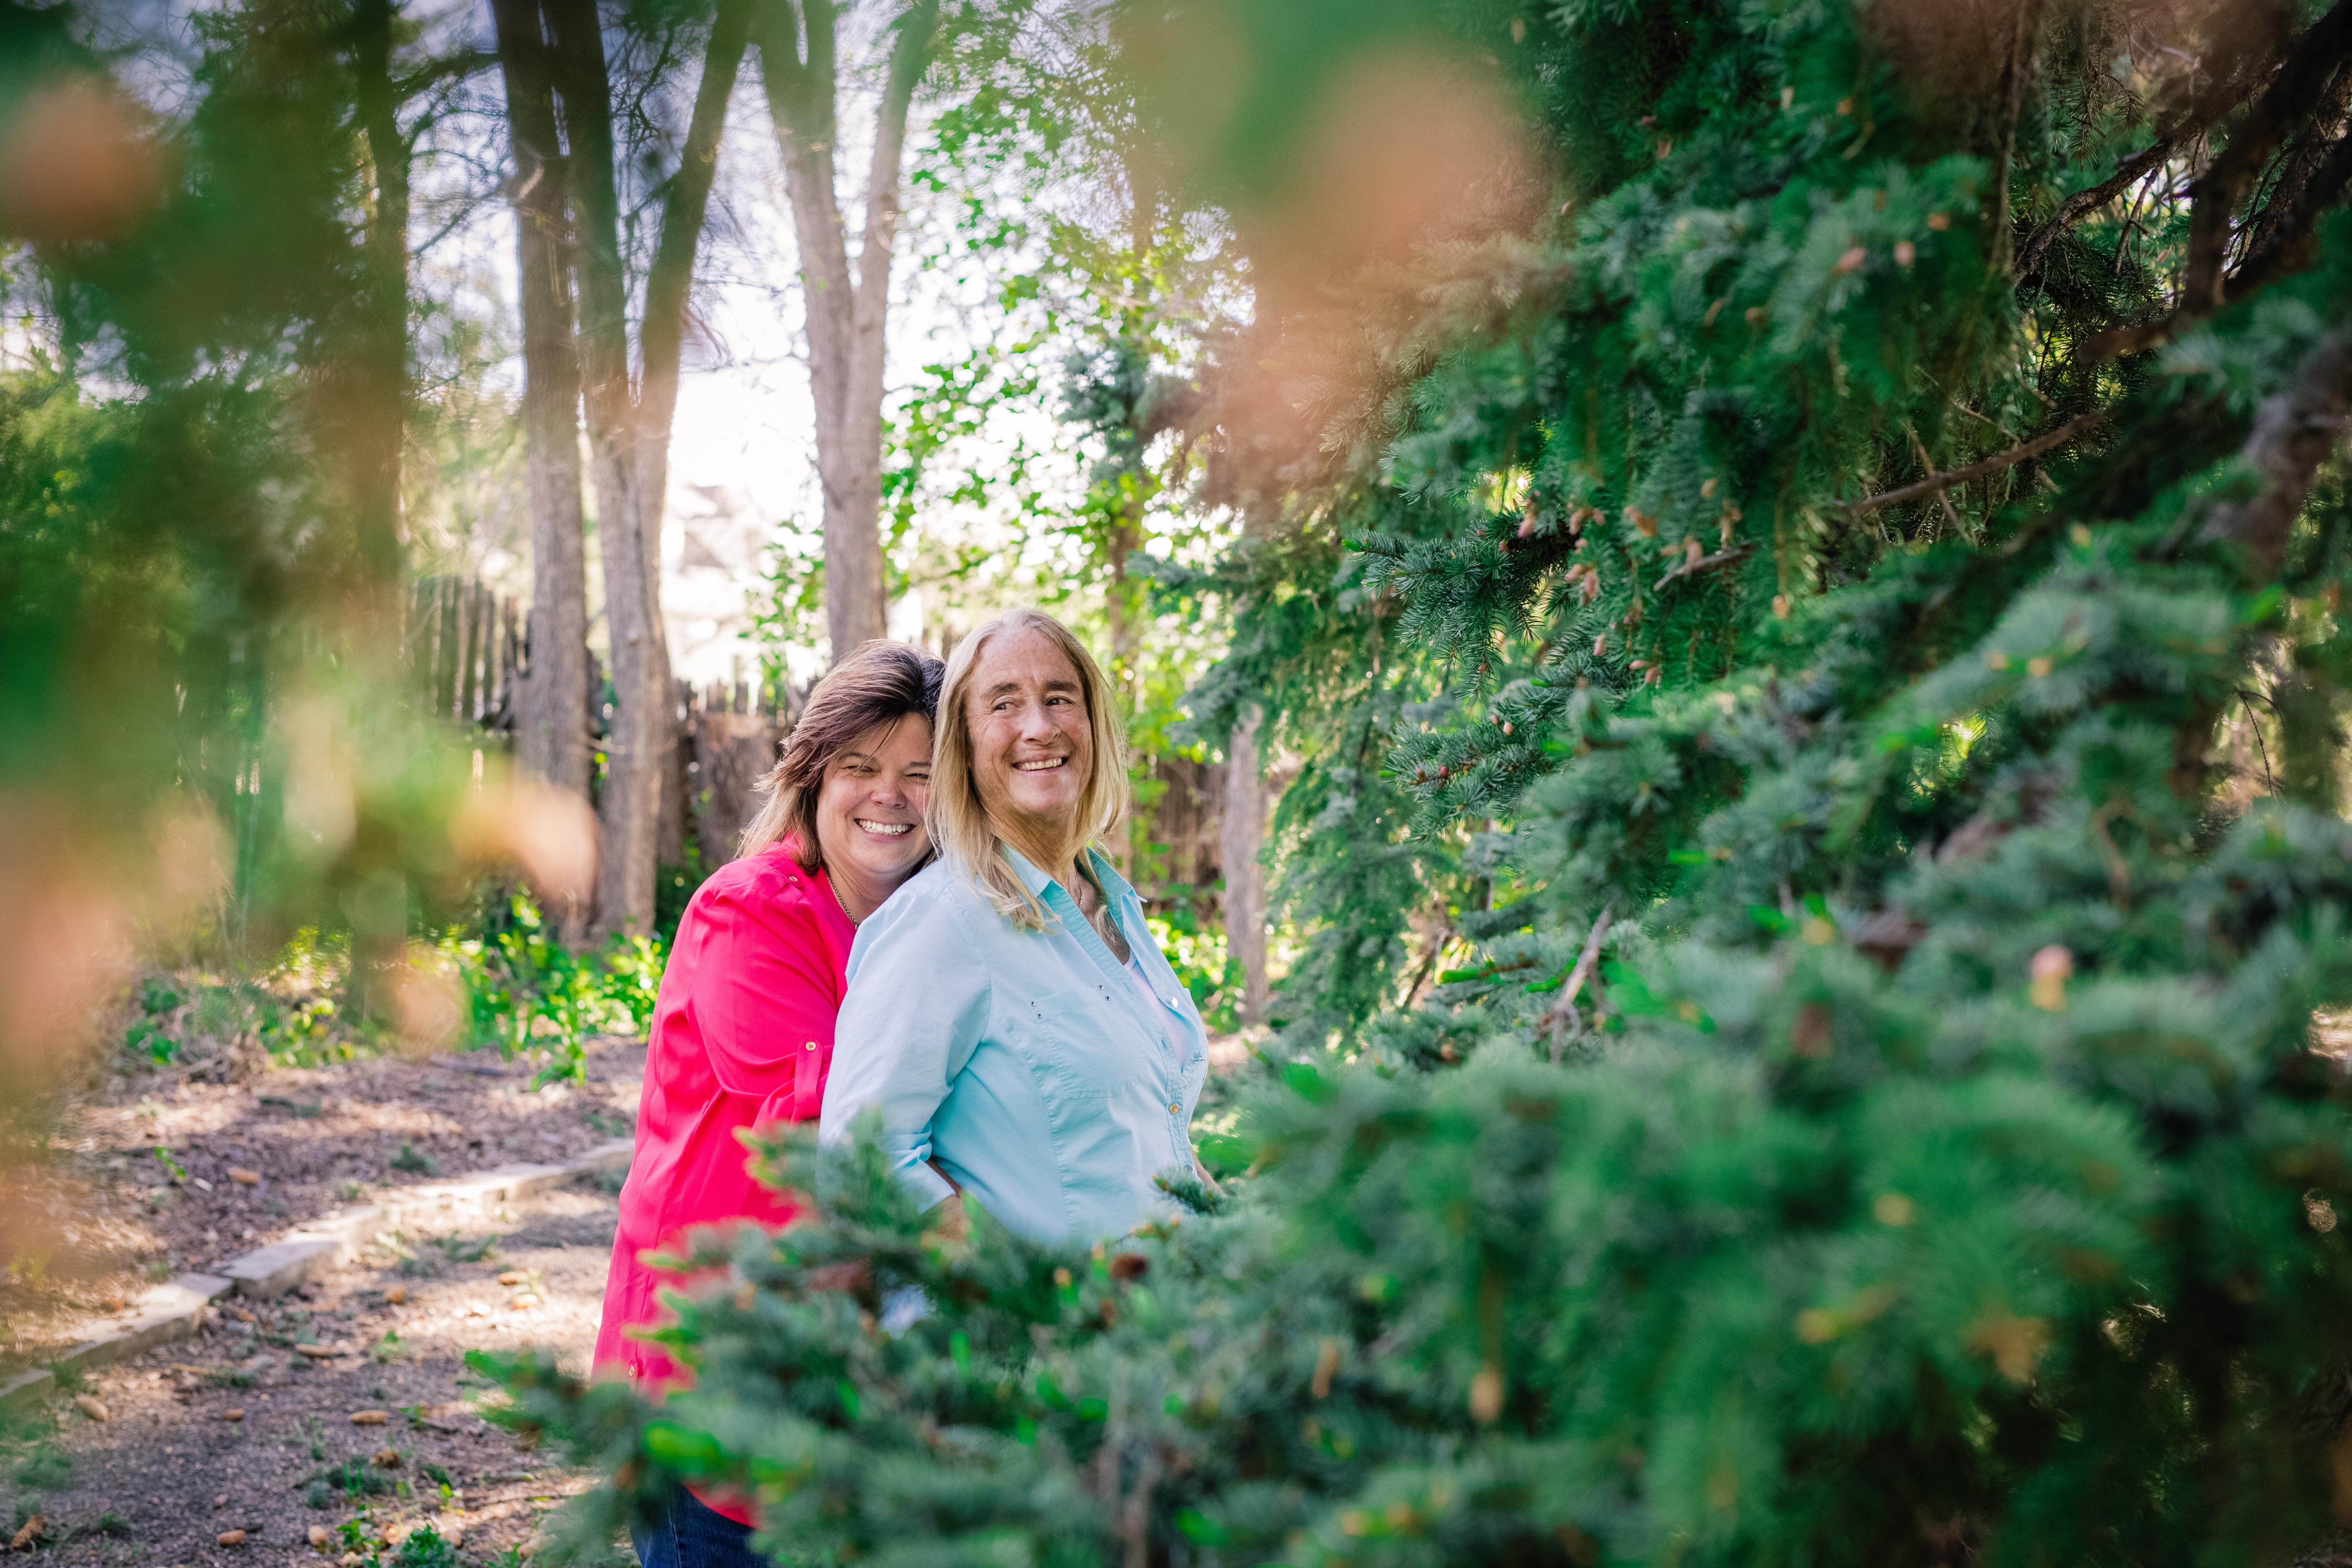 Debbie&CollenPreWeddingPhotographs_www.fabplicity.com-15